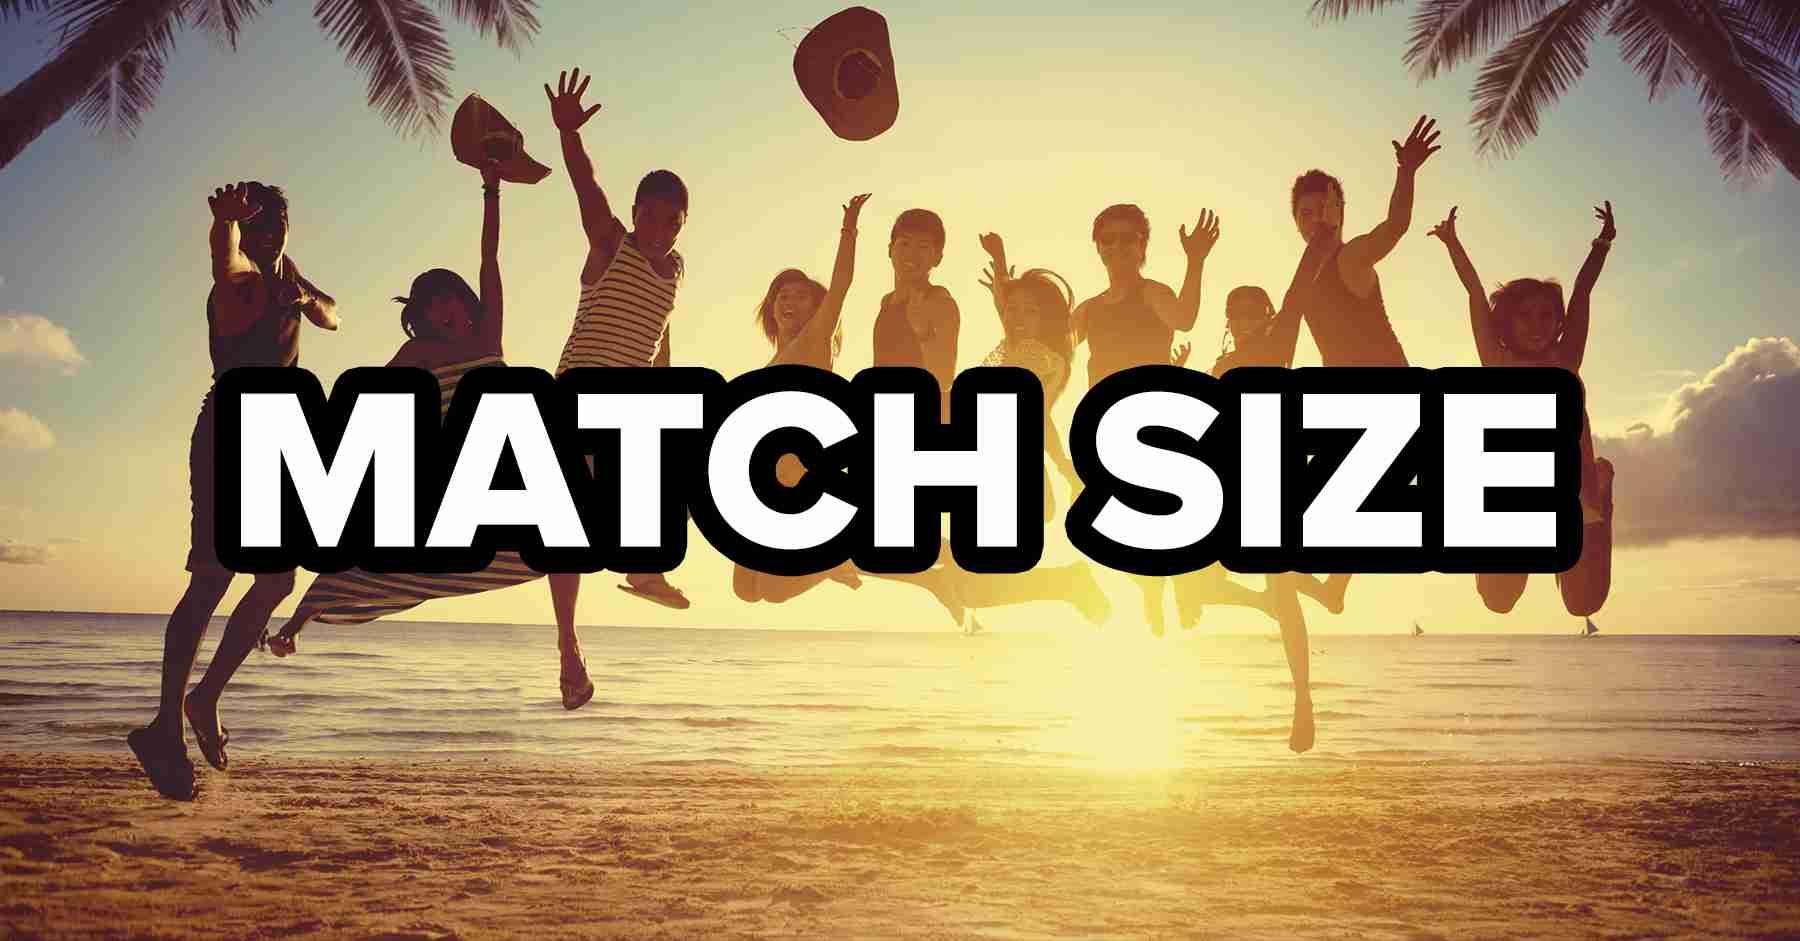 Match Image Size